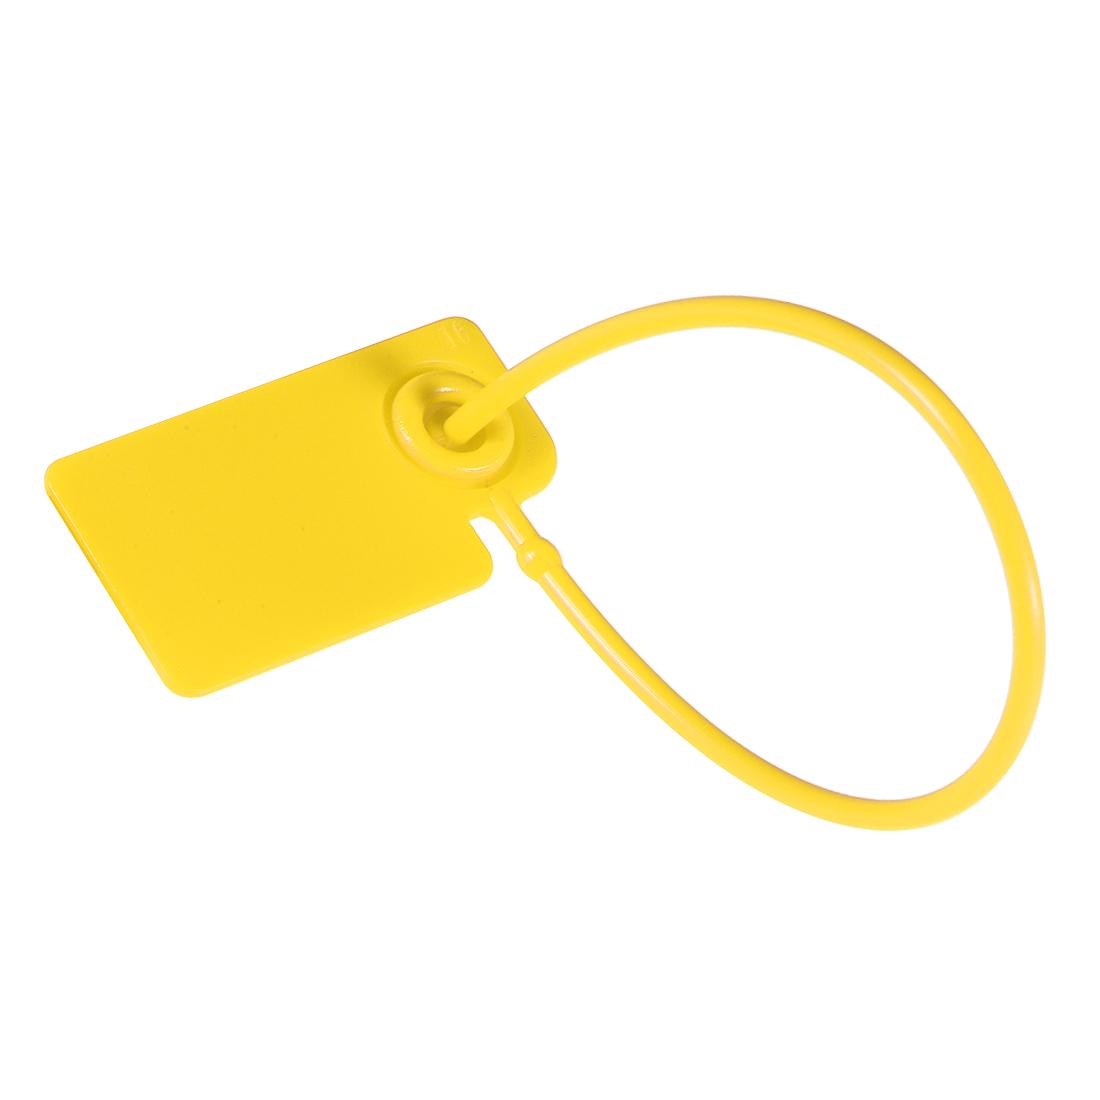 Plastic Zip Ties Security Tag Anti-Tamper 165mm Length,Yellow,50pcs